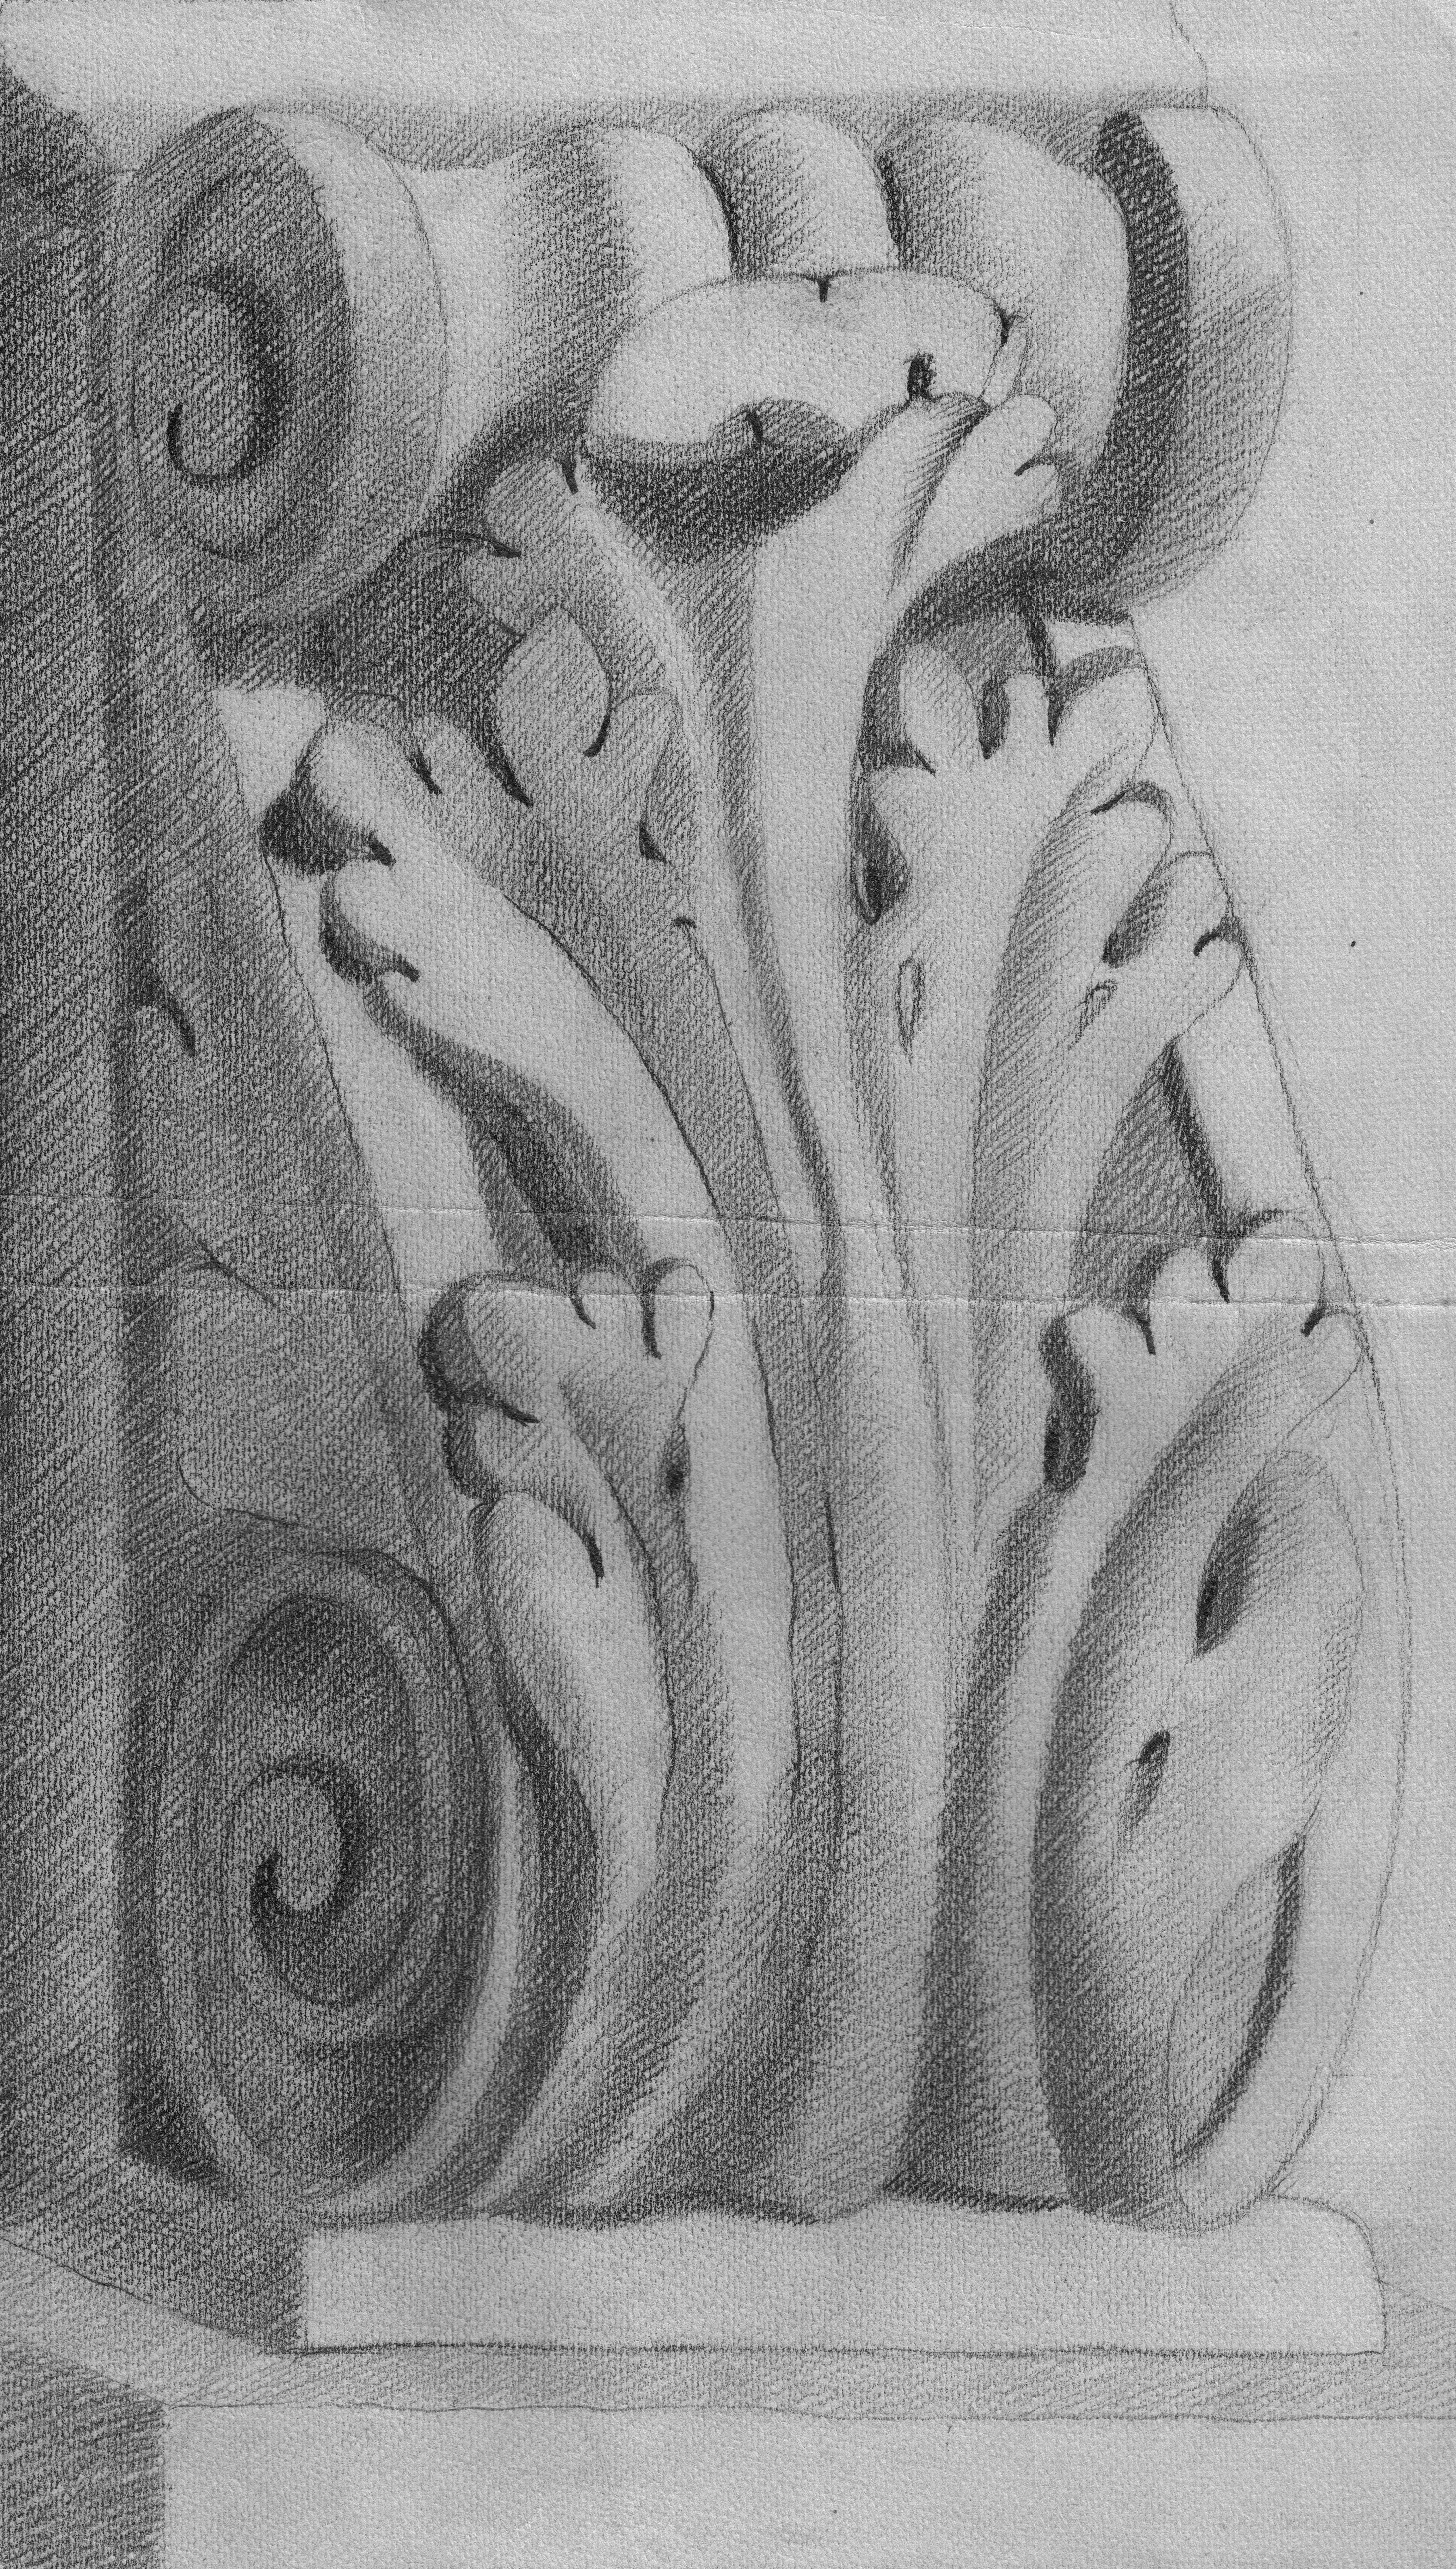 Kostenlose Foto : Schwarz Und Weiß, Die Architektur, Spiral , Blumen ,  Muster, Kirche, Möbel, Einfarbig, Stillleben, Kunstwerk, Malerei, Ornament,  ...